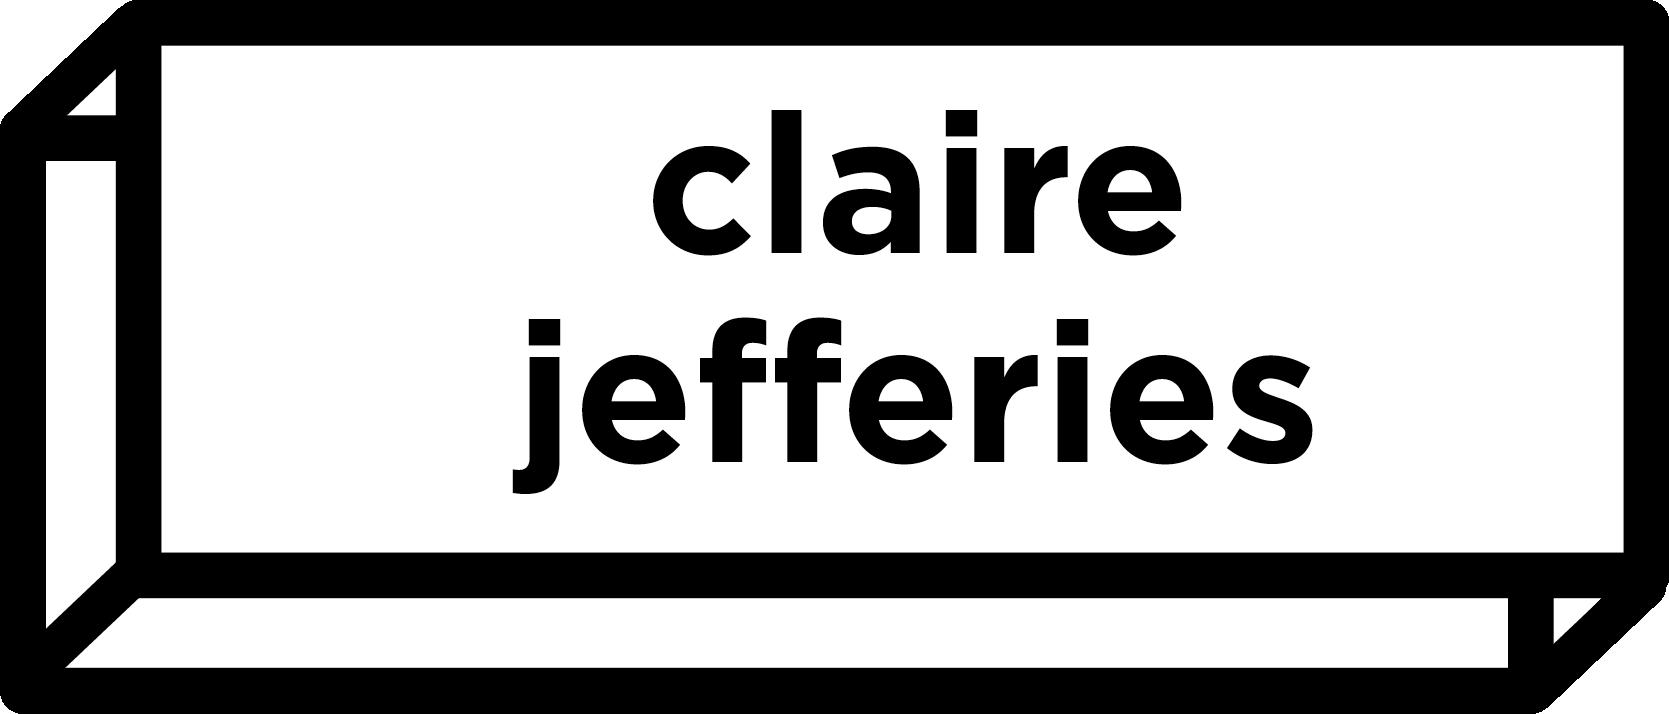 claire jefferies